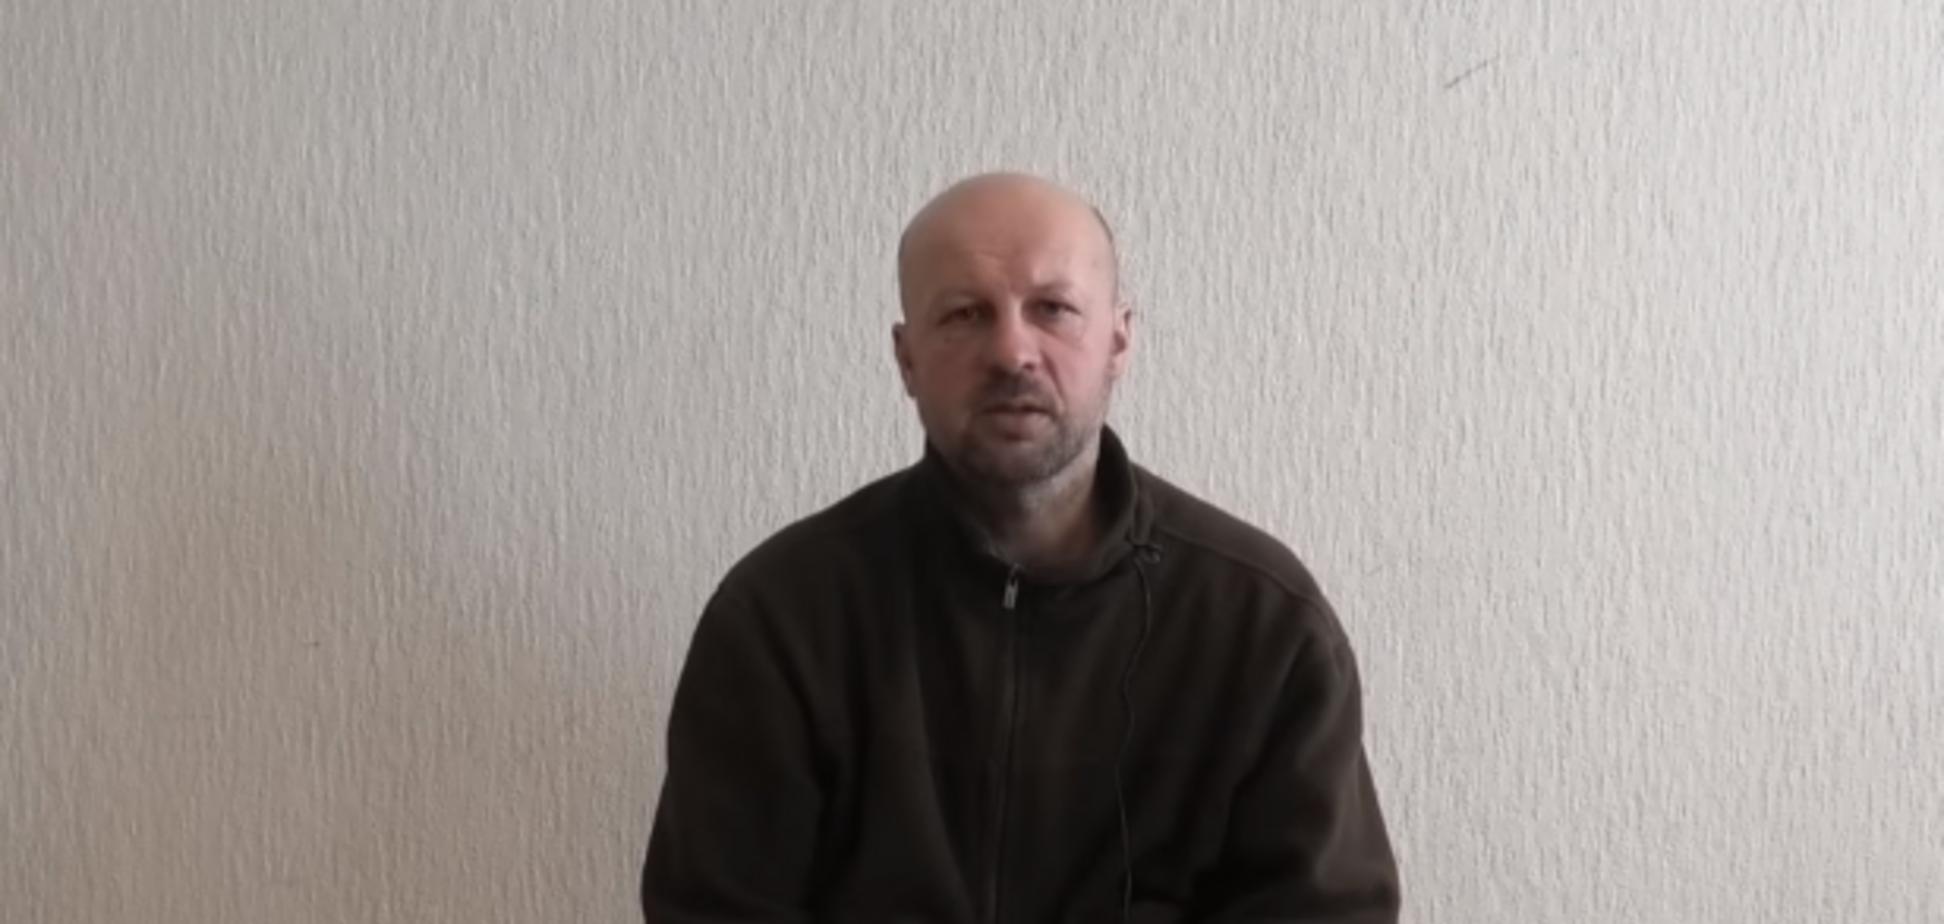 Боєць ЗСУ потрапив в полон 'ДНР': терористи показали відео допиту